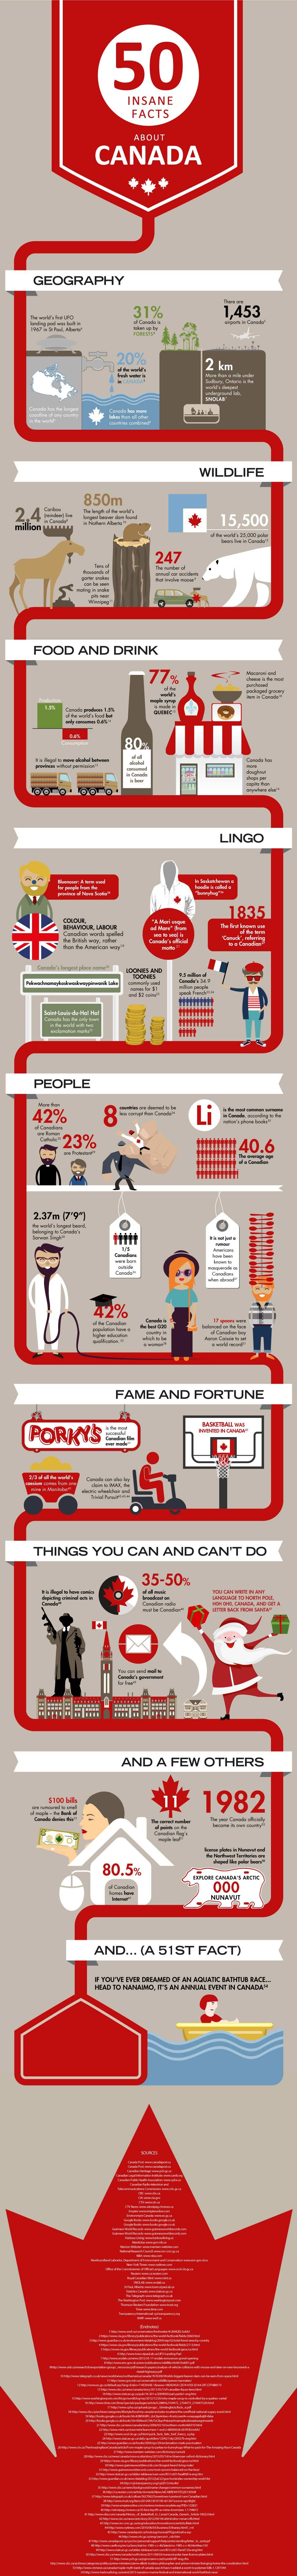 Canada Confidential-Infographic